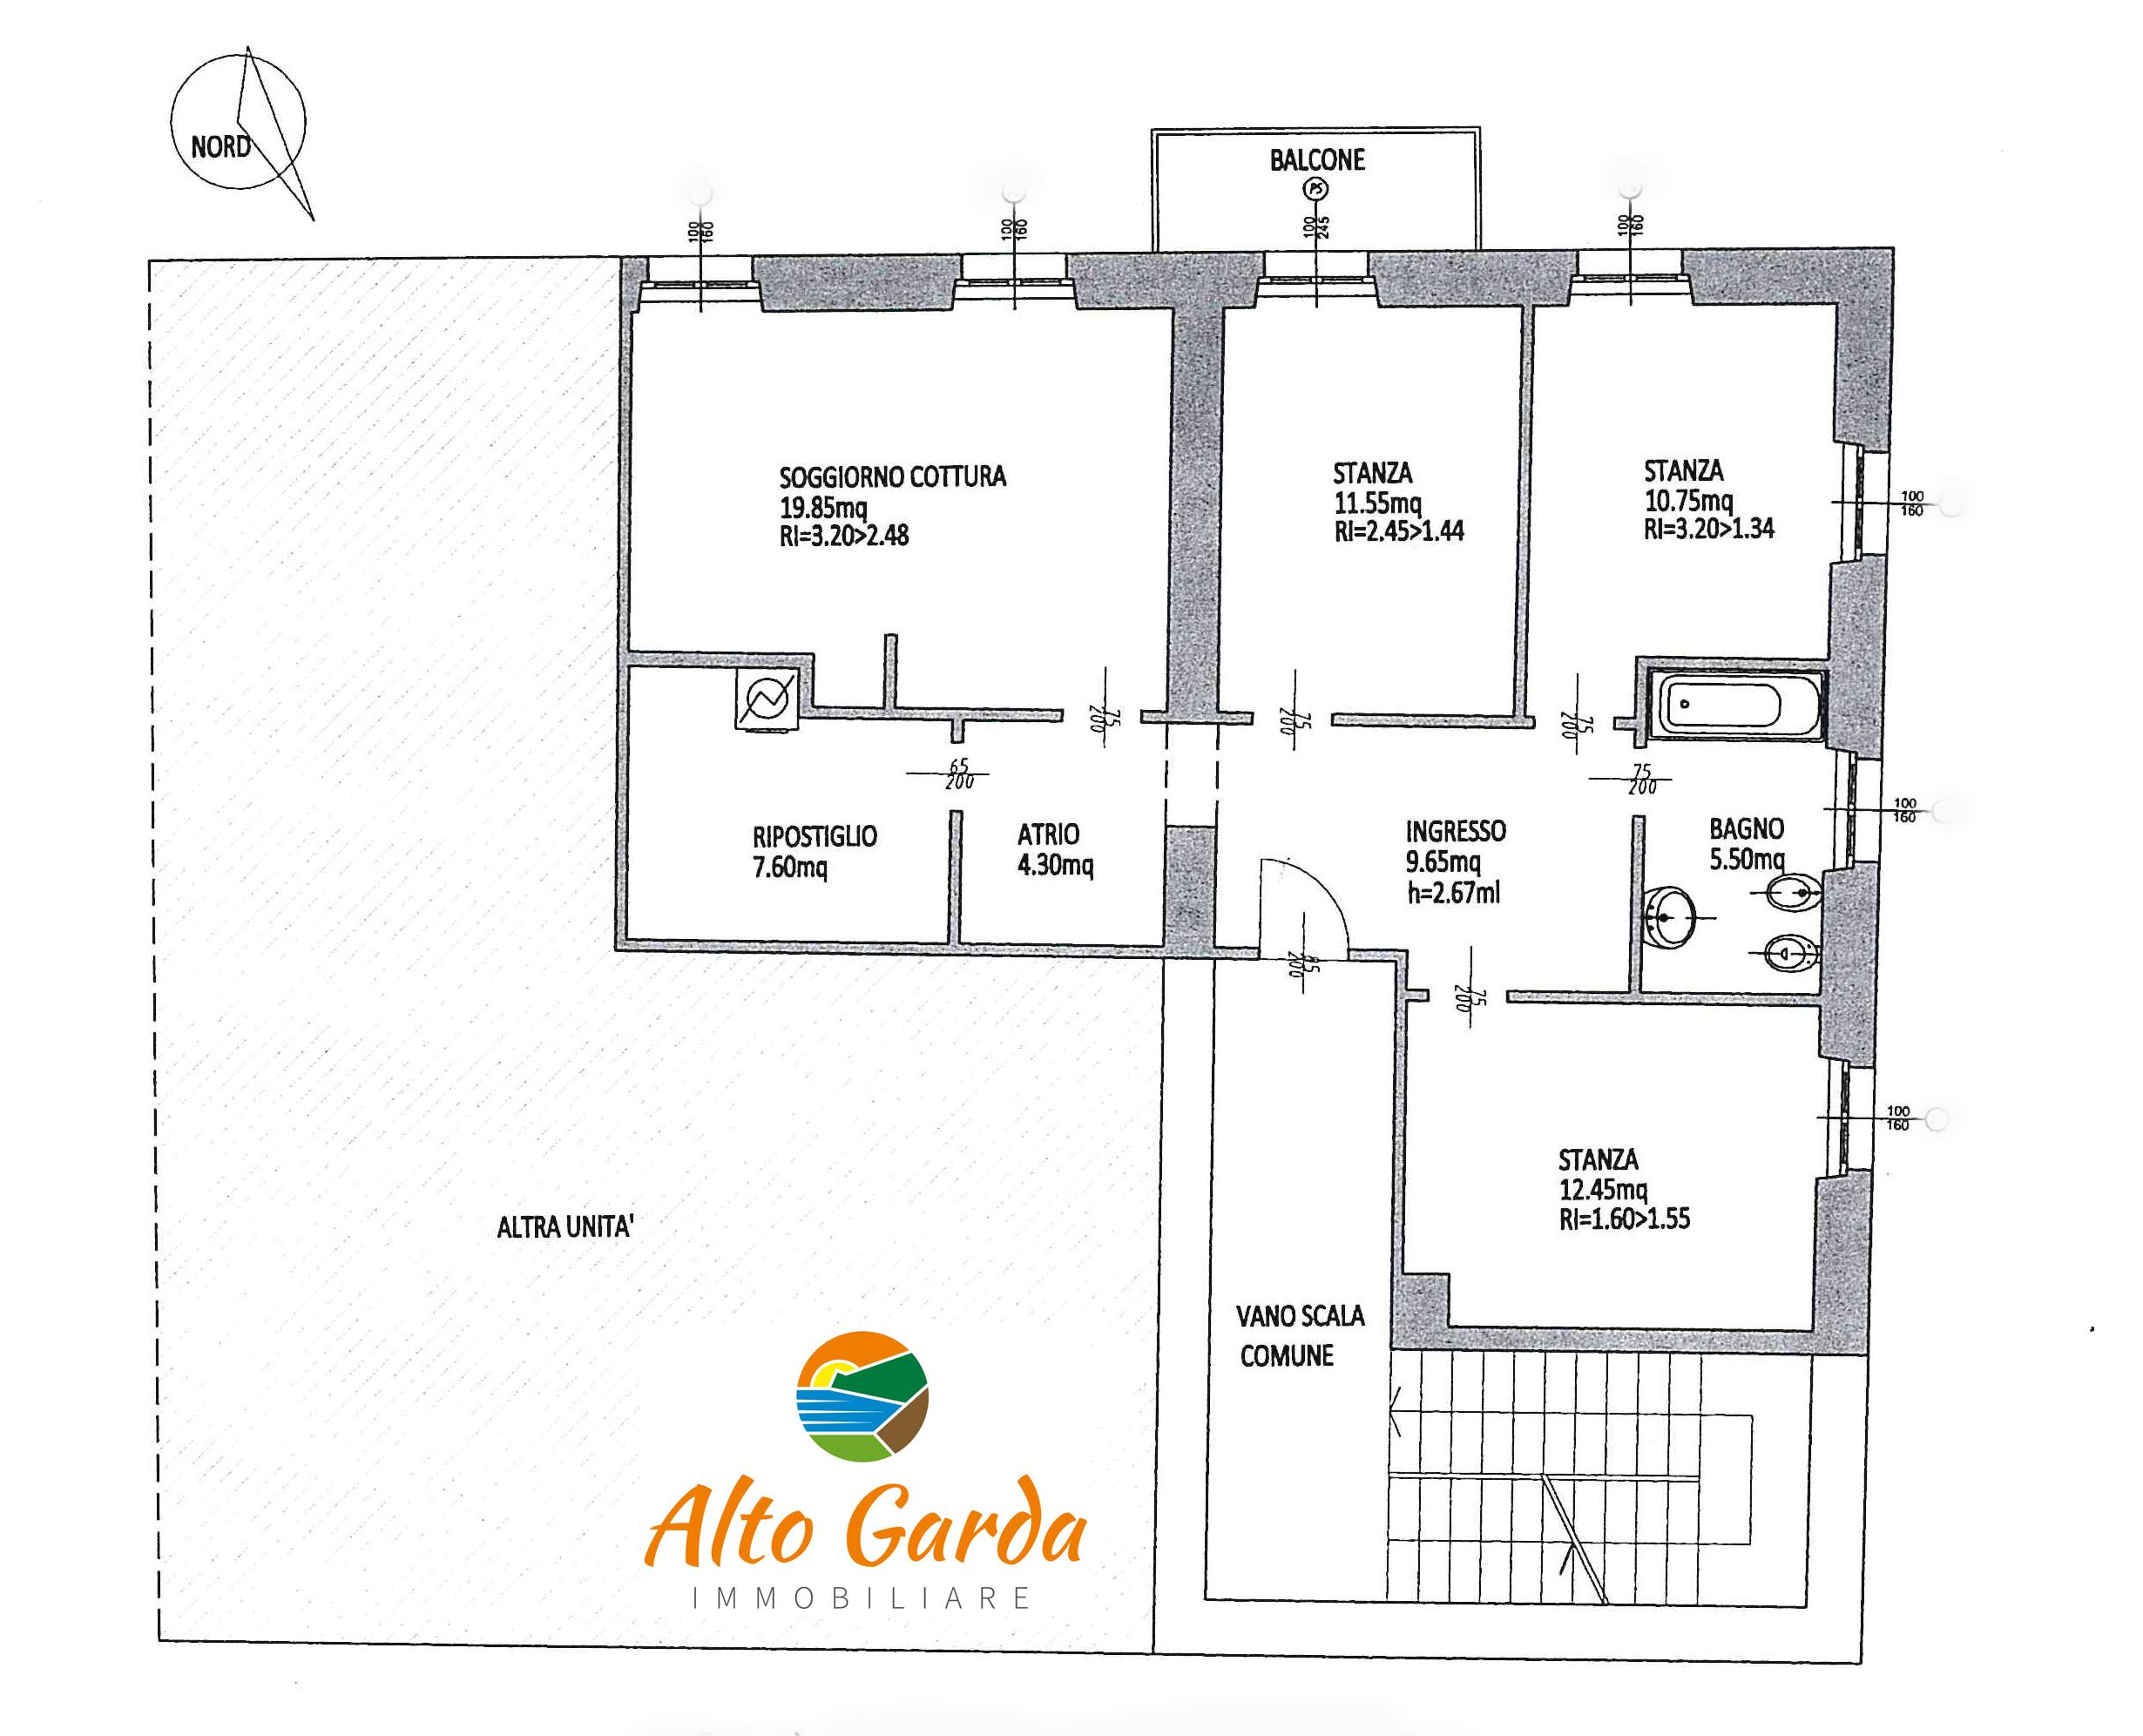 145-planimetria-Alto Garda Immobiliare